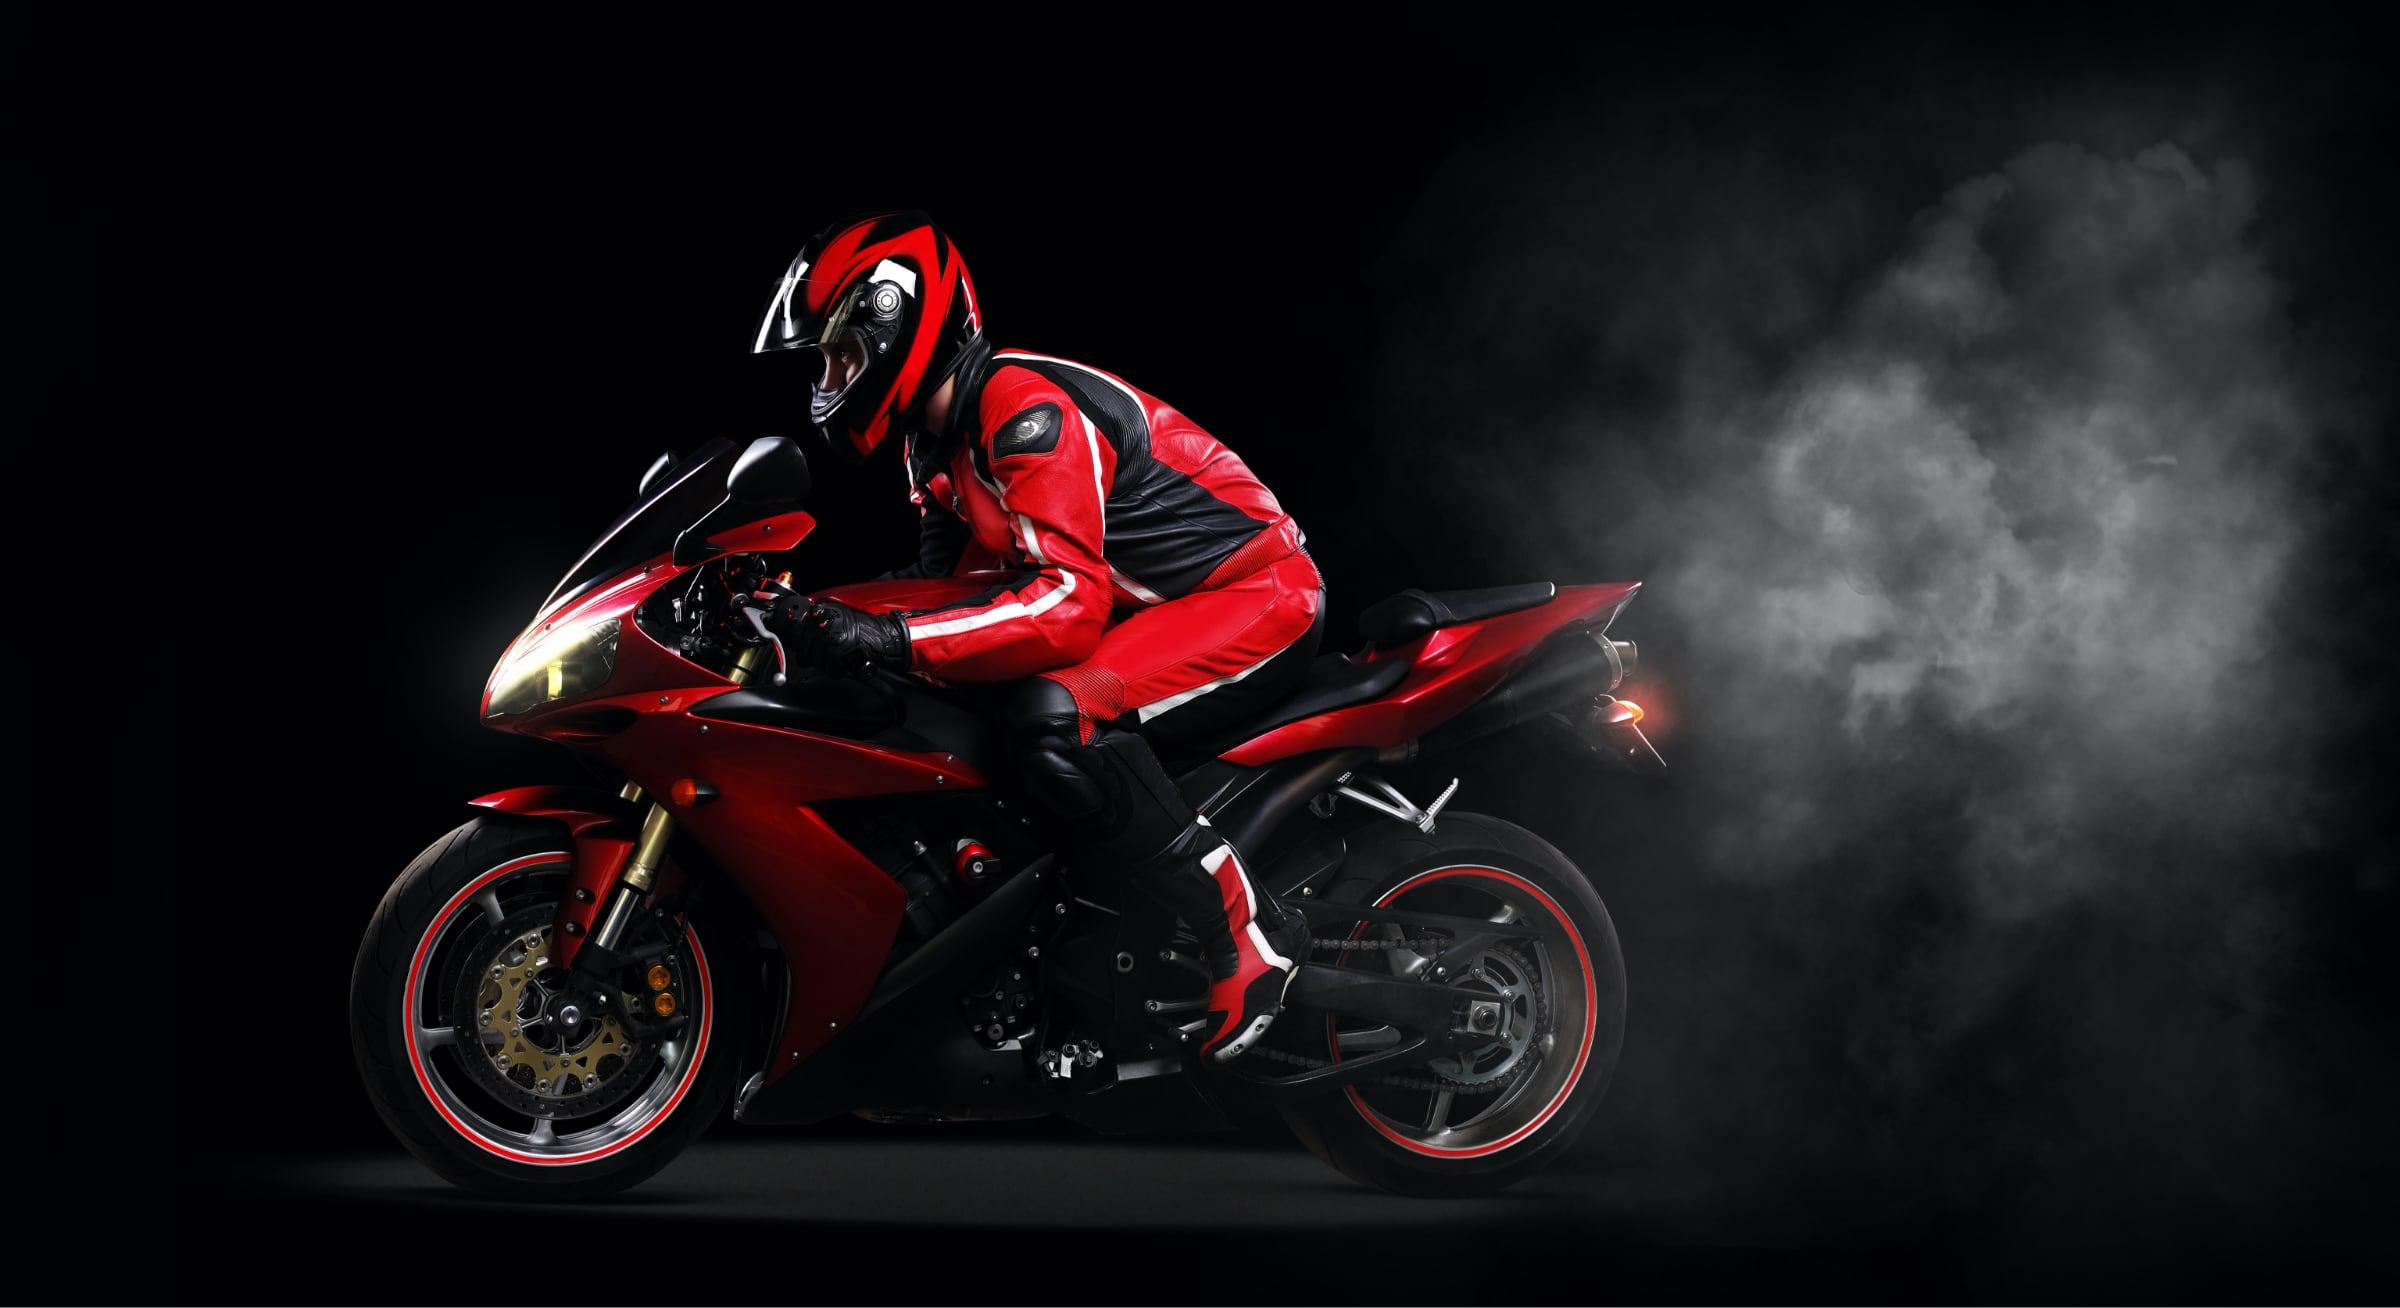 Biker Motorcycle wallpaper